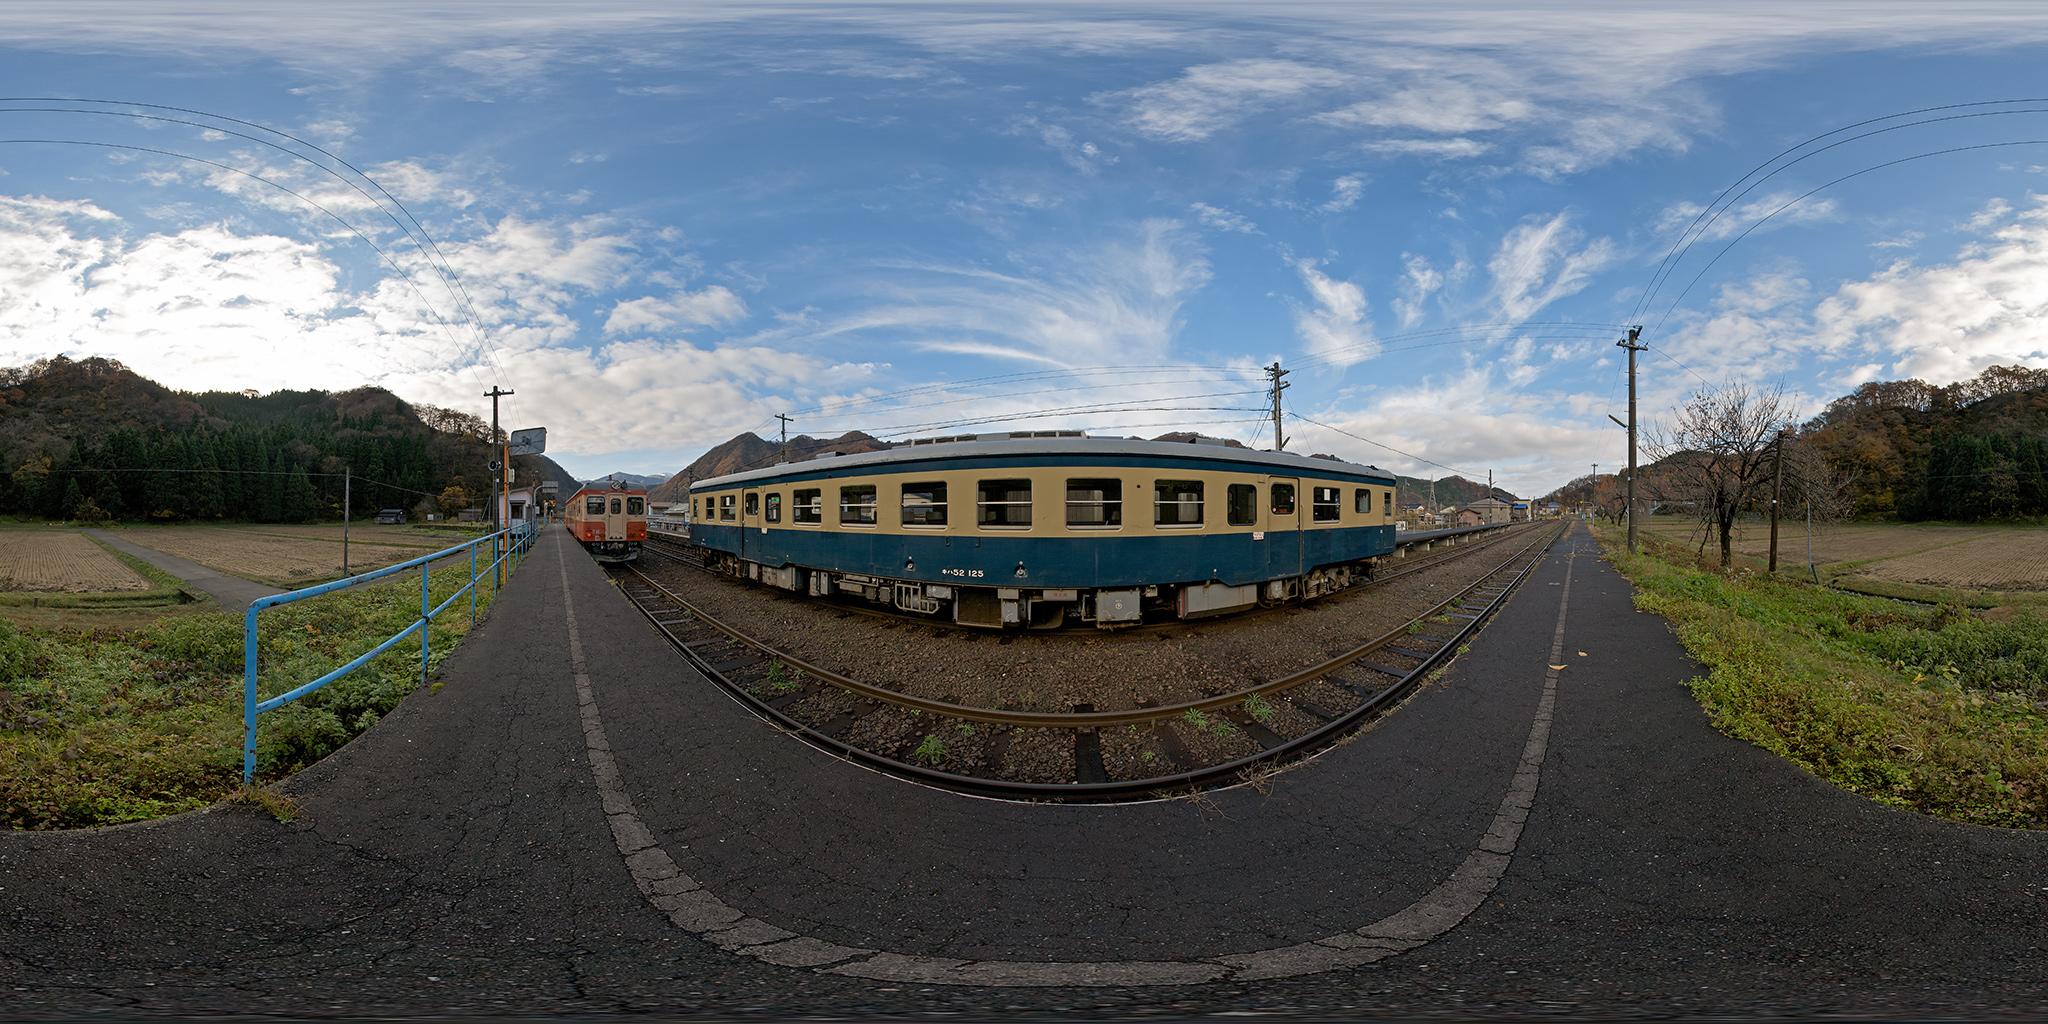 大糸線根知駅にてキハ52-115とキハ52-125の列車交換風景